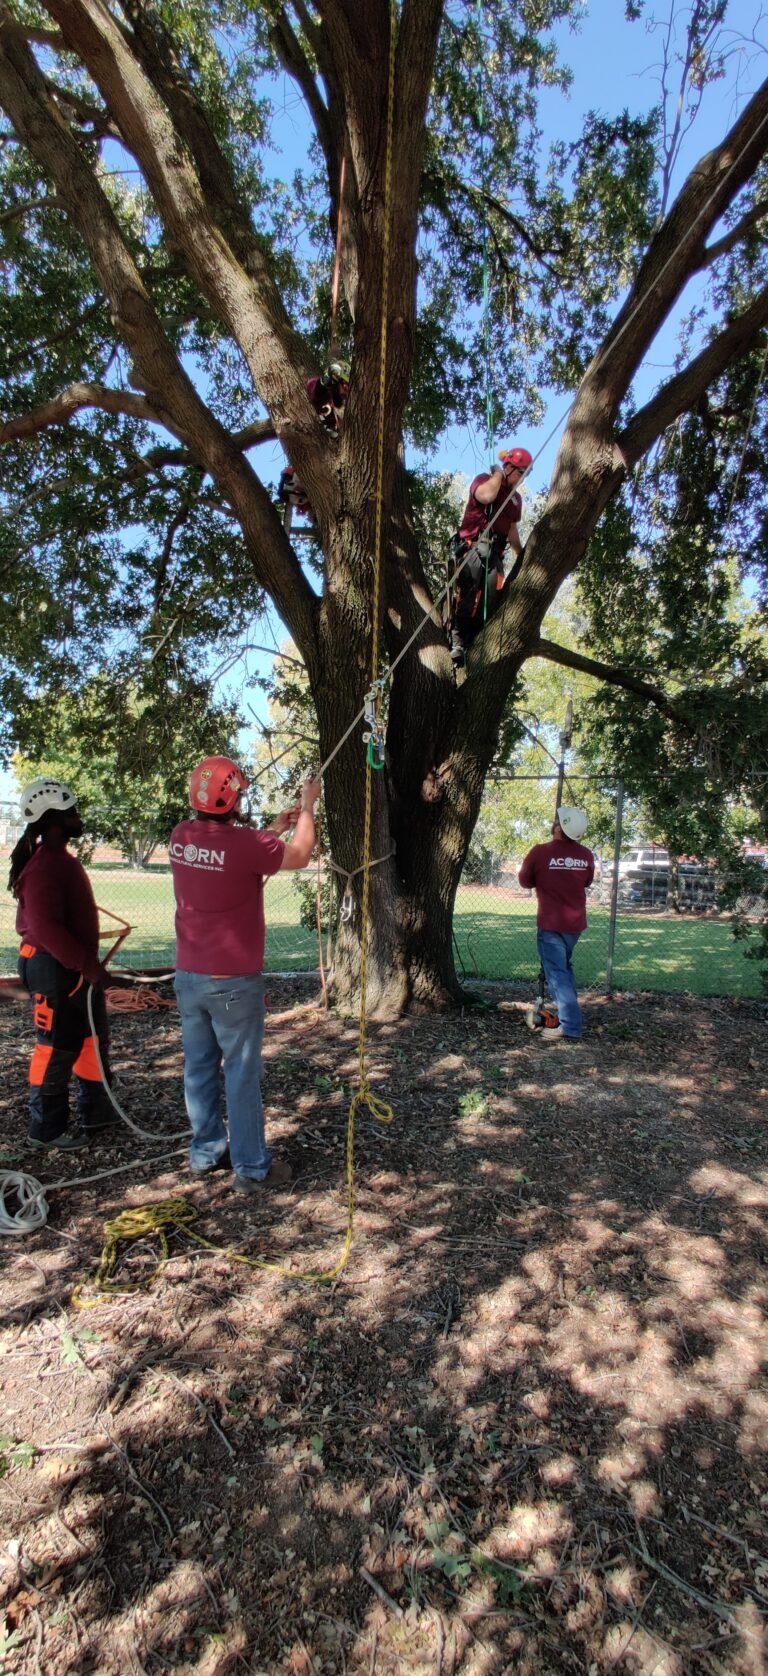 ACORN volunteering at CRC school 05